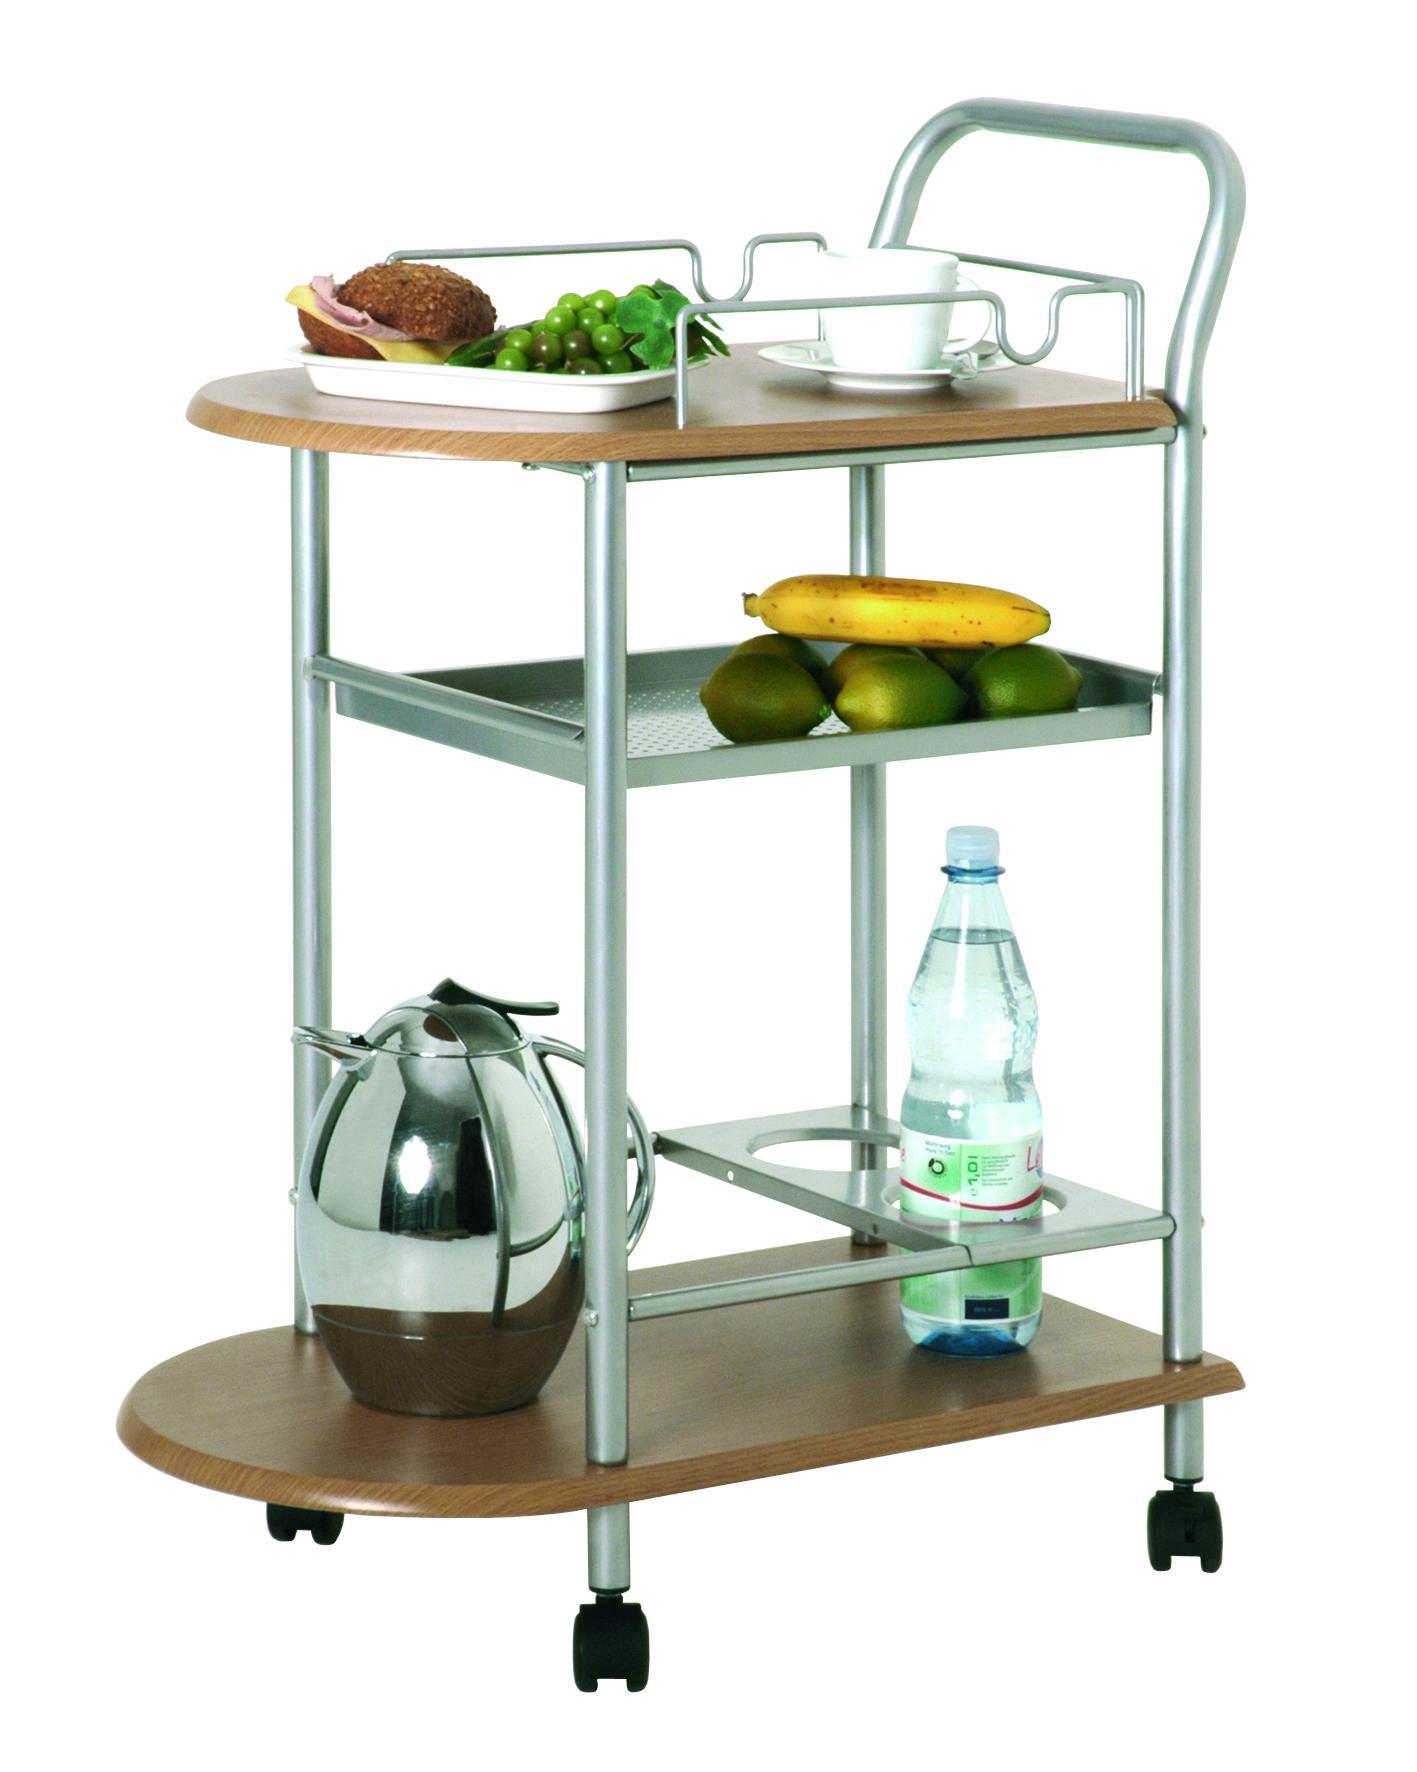 Küchenwagen Servierwagen Stella - Kaufen bei Artra Design GmbH